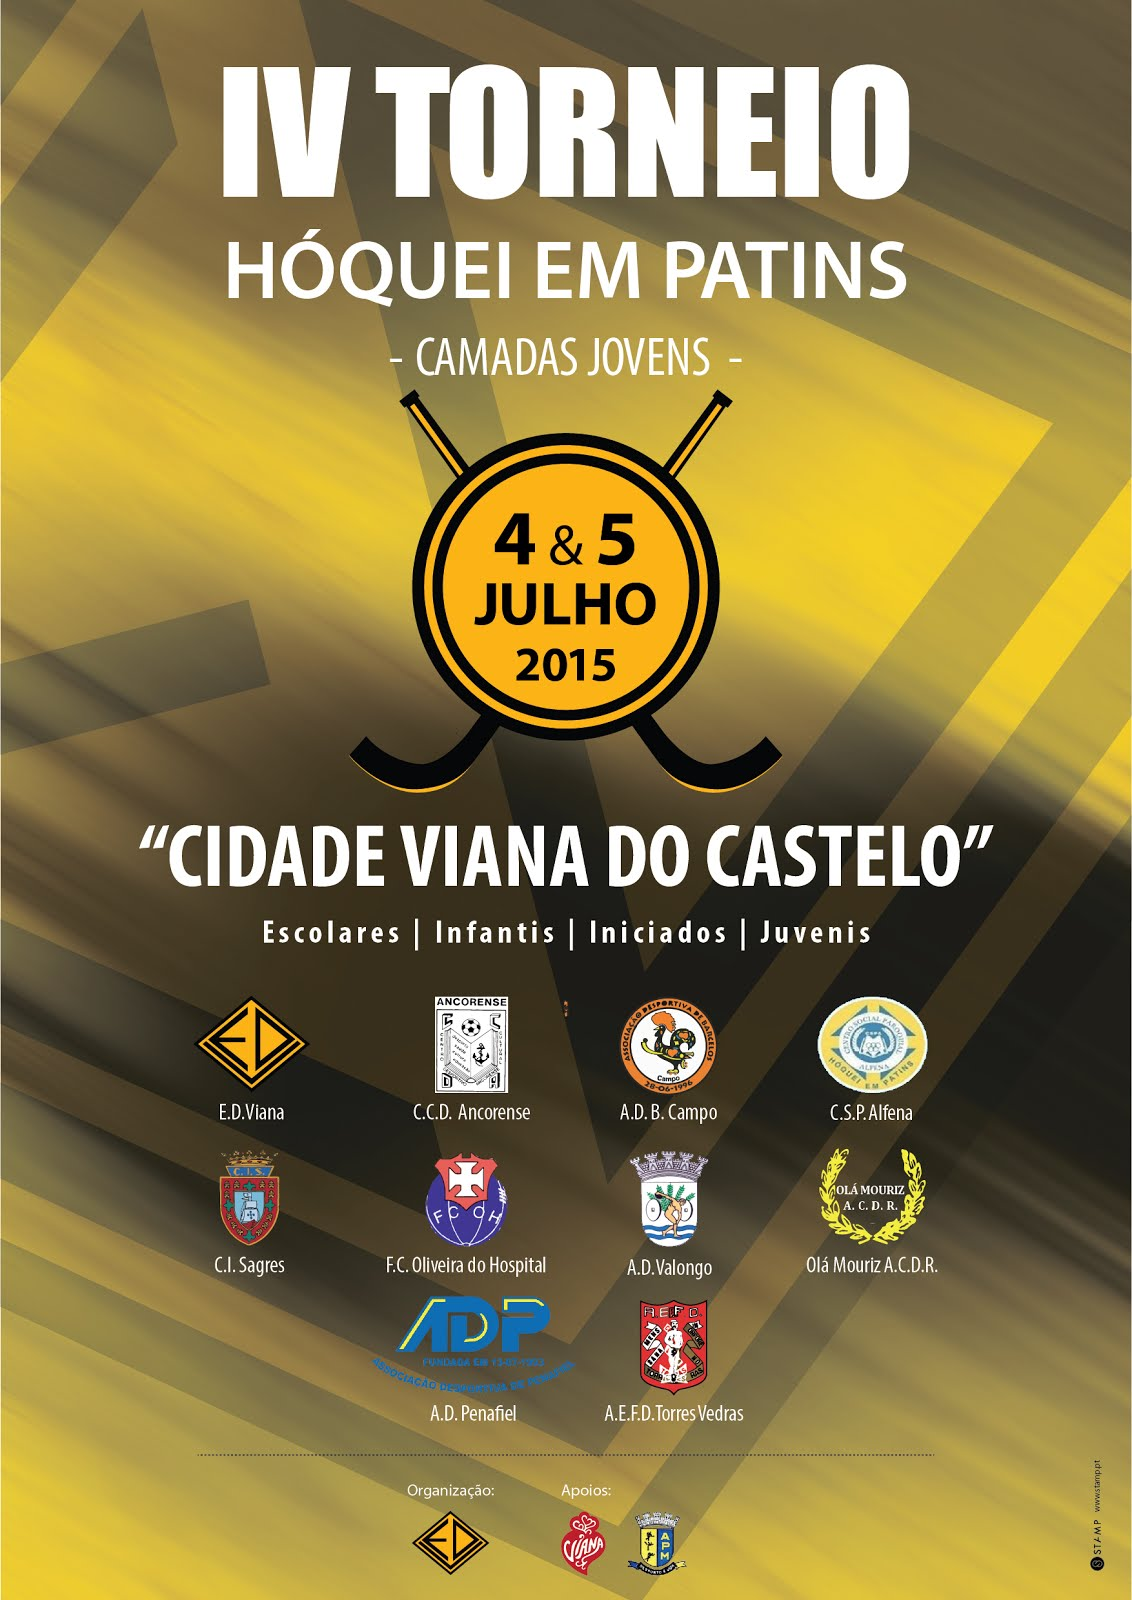 IV Cidade Viana Castelo